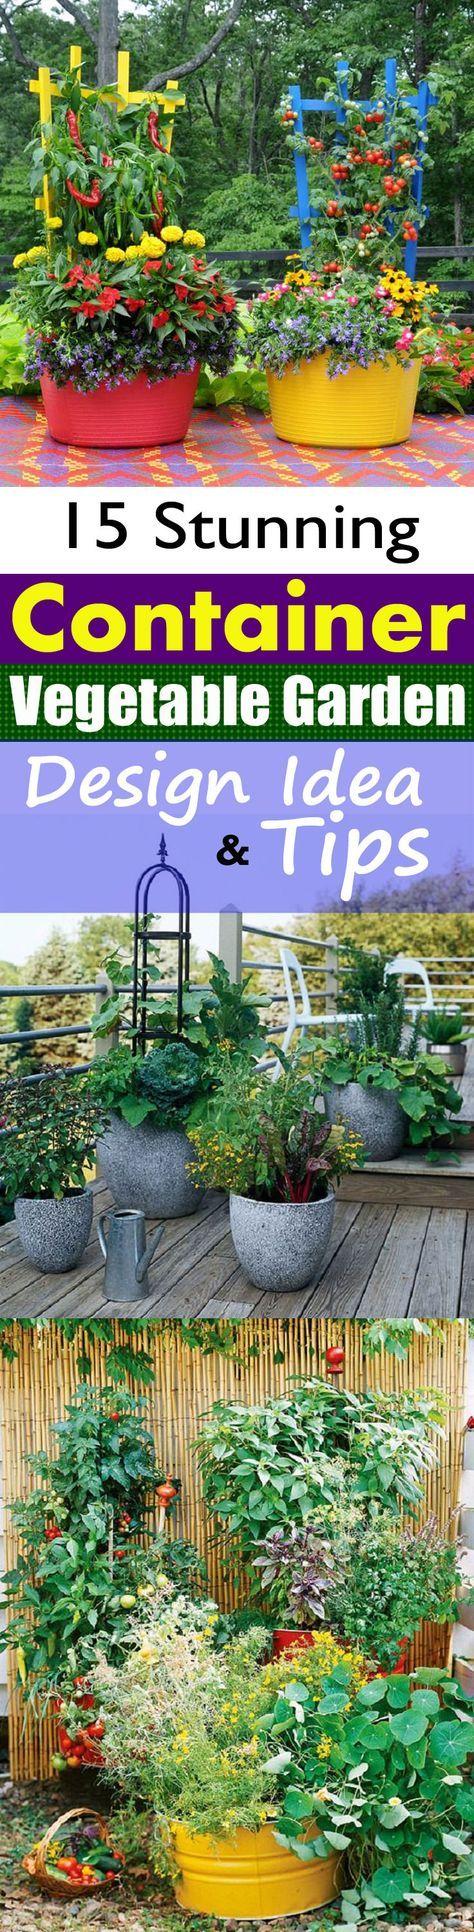 15 Stunning Container Vegetable Garden Design Ideas